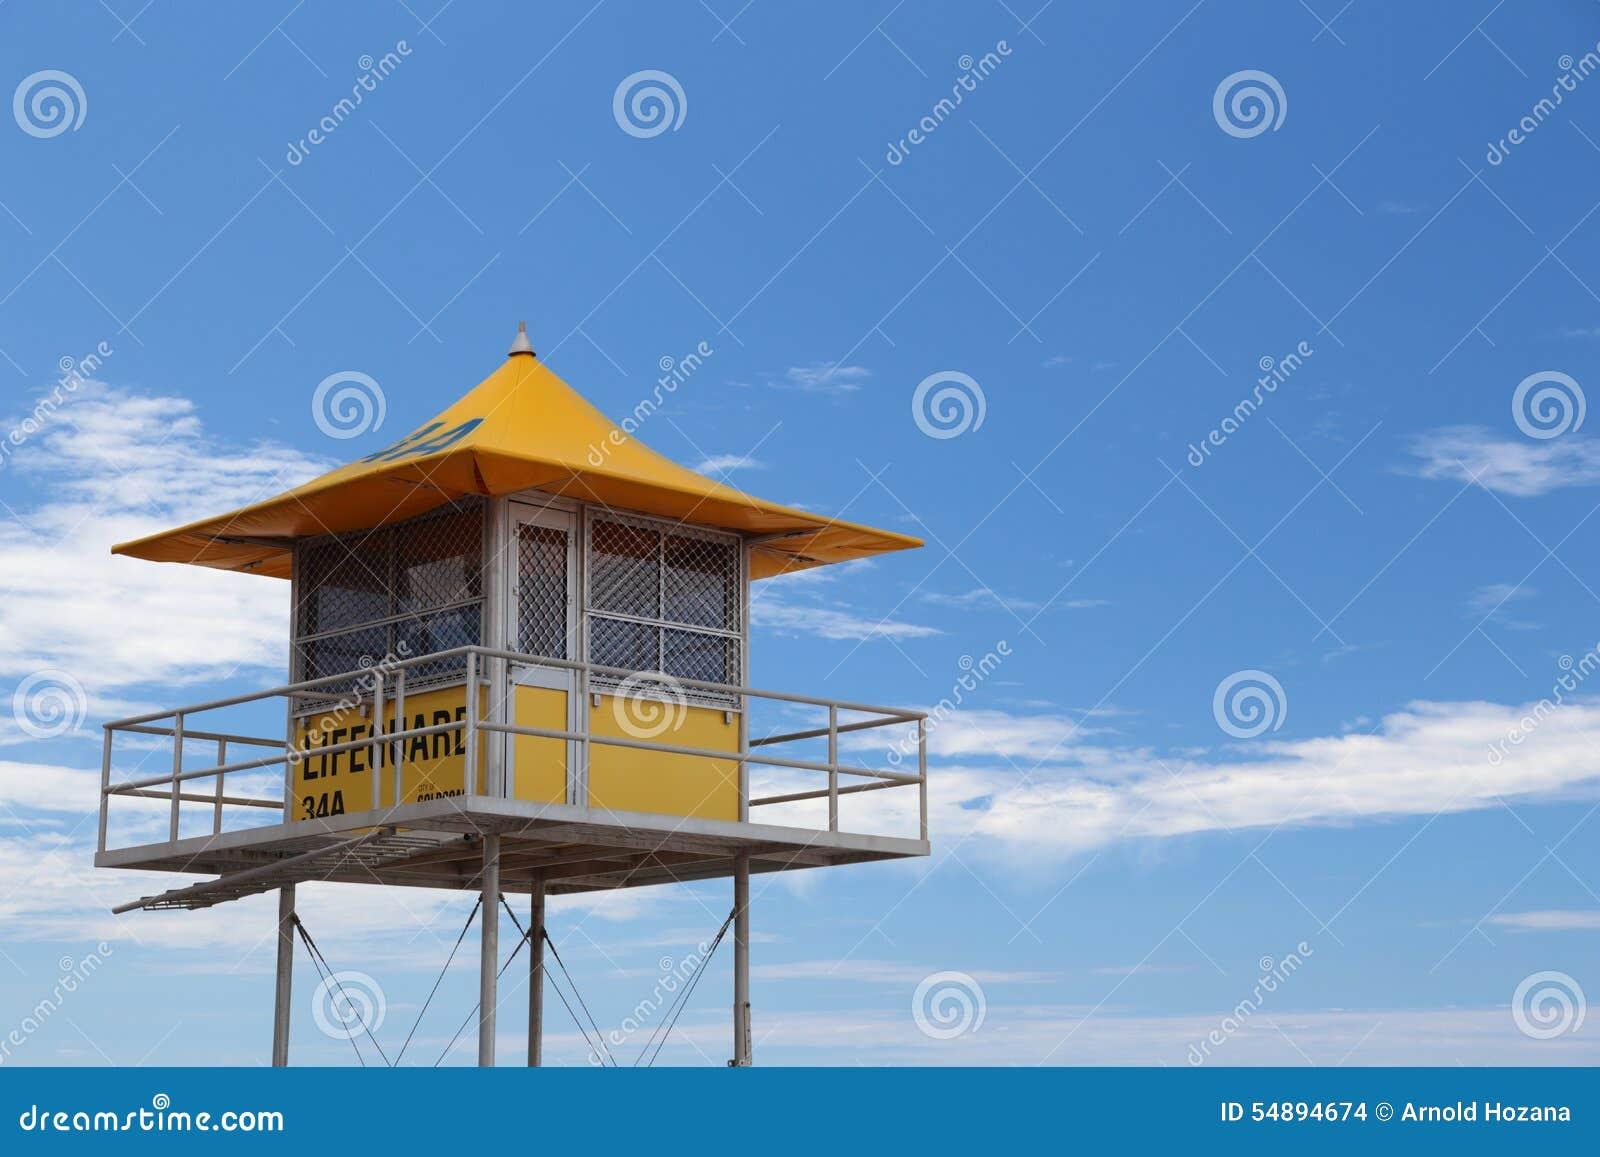 Καλύβα Lifeguard στο Gold Coast